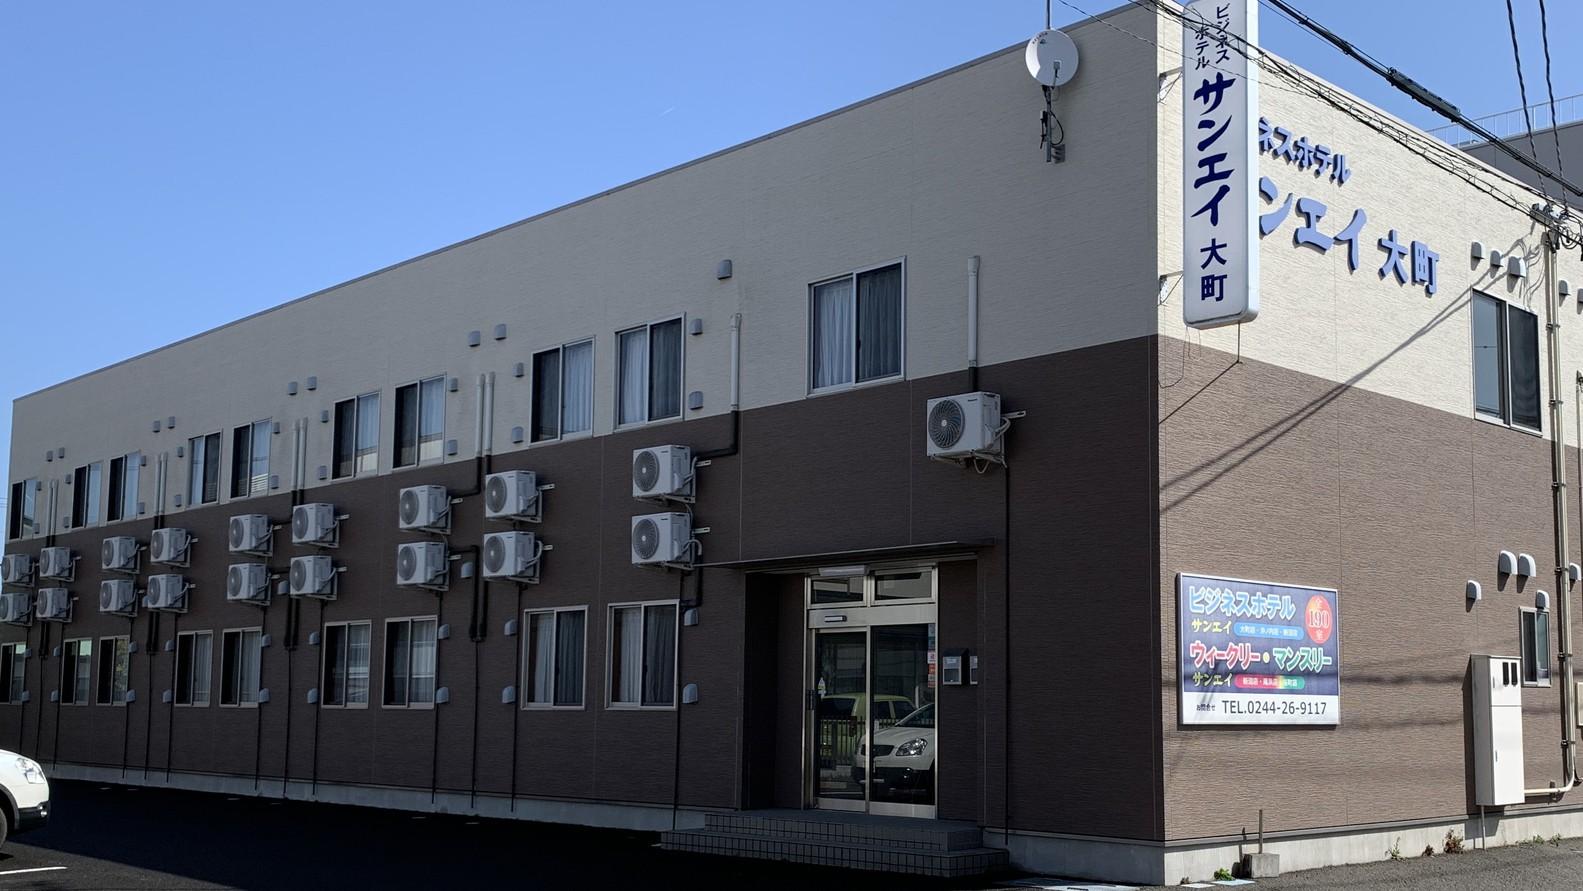 ビジネスホテル サンエイ 大町◆楽天トラベル